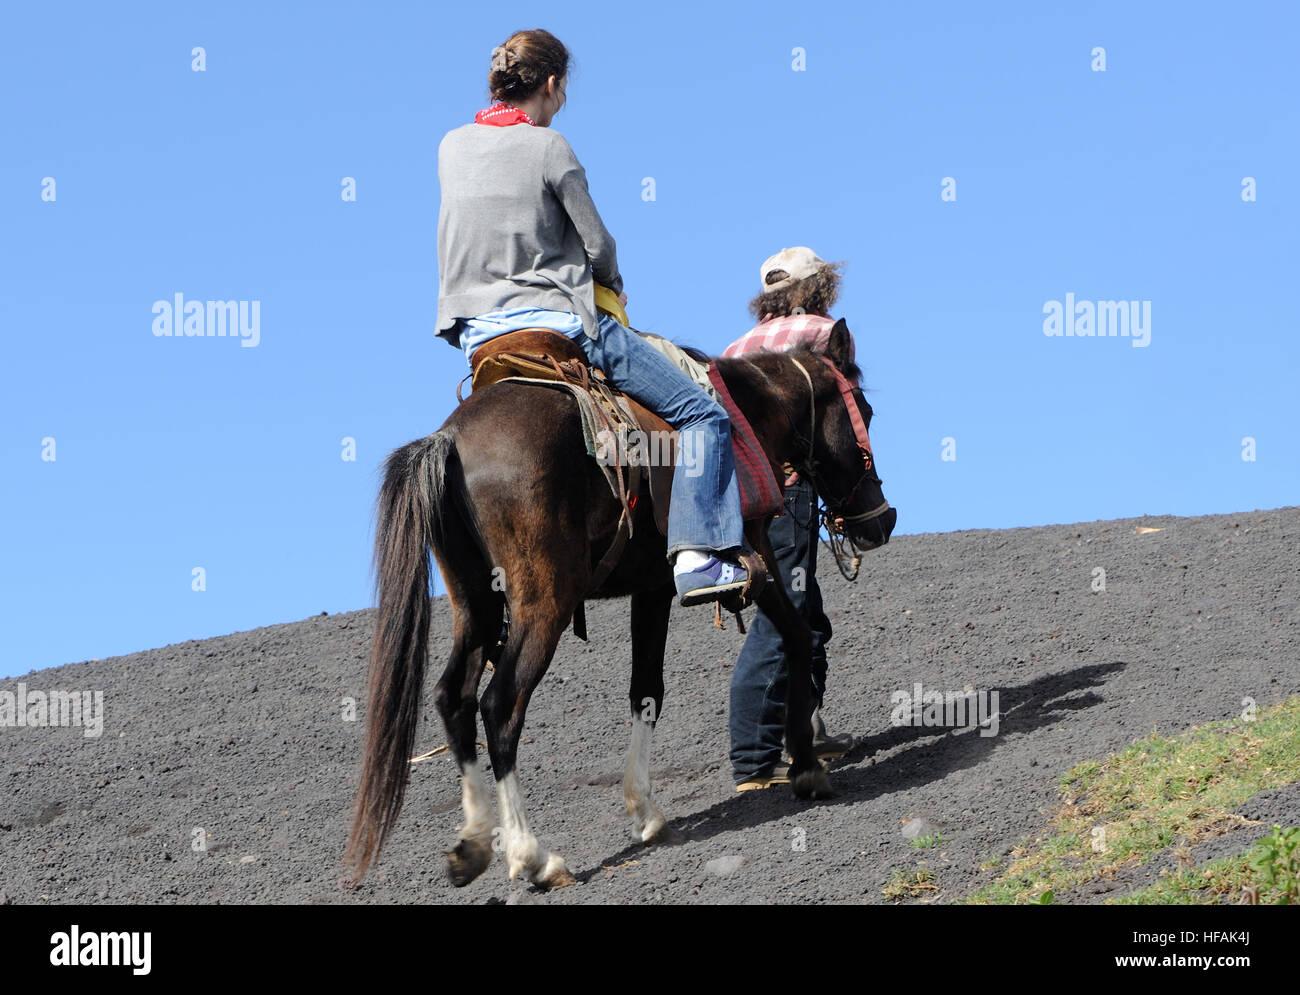 Un turista a caballo es llevado hasta las laderas de lava negra del activo Volcán de Pacaya, Cono Mackenney. Imagen De Stock